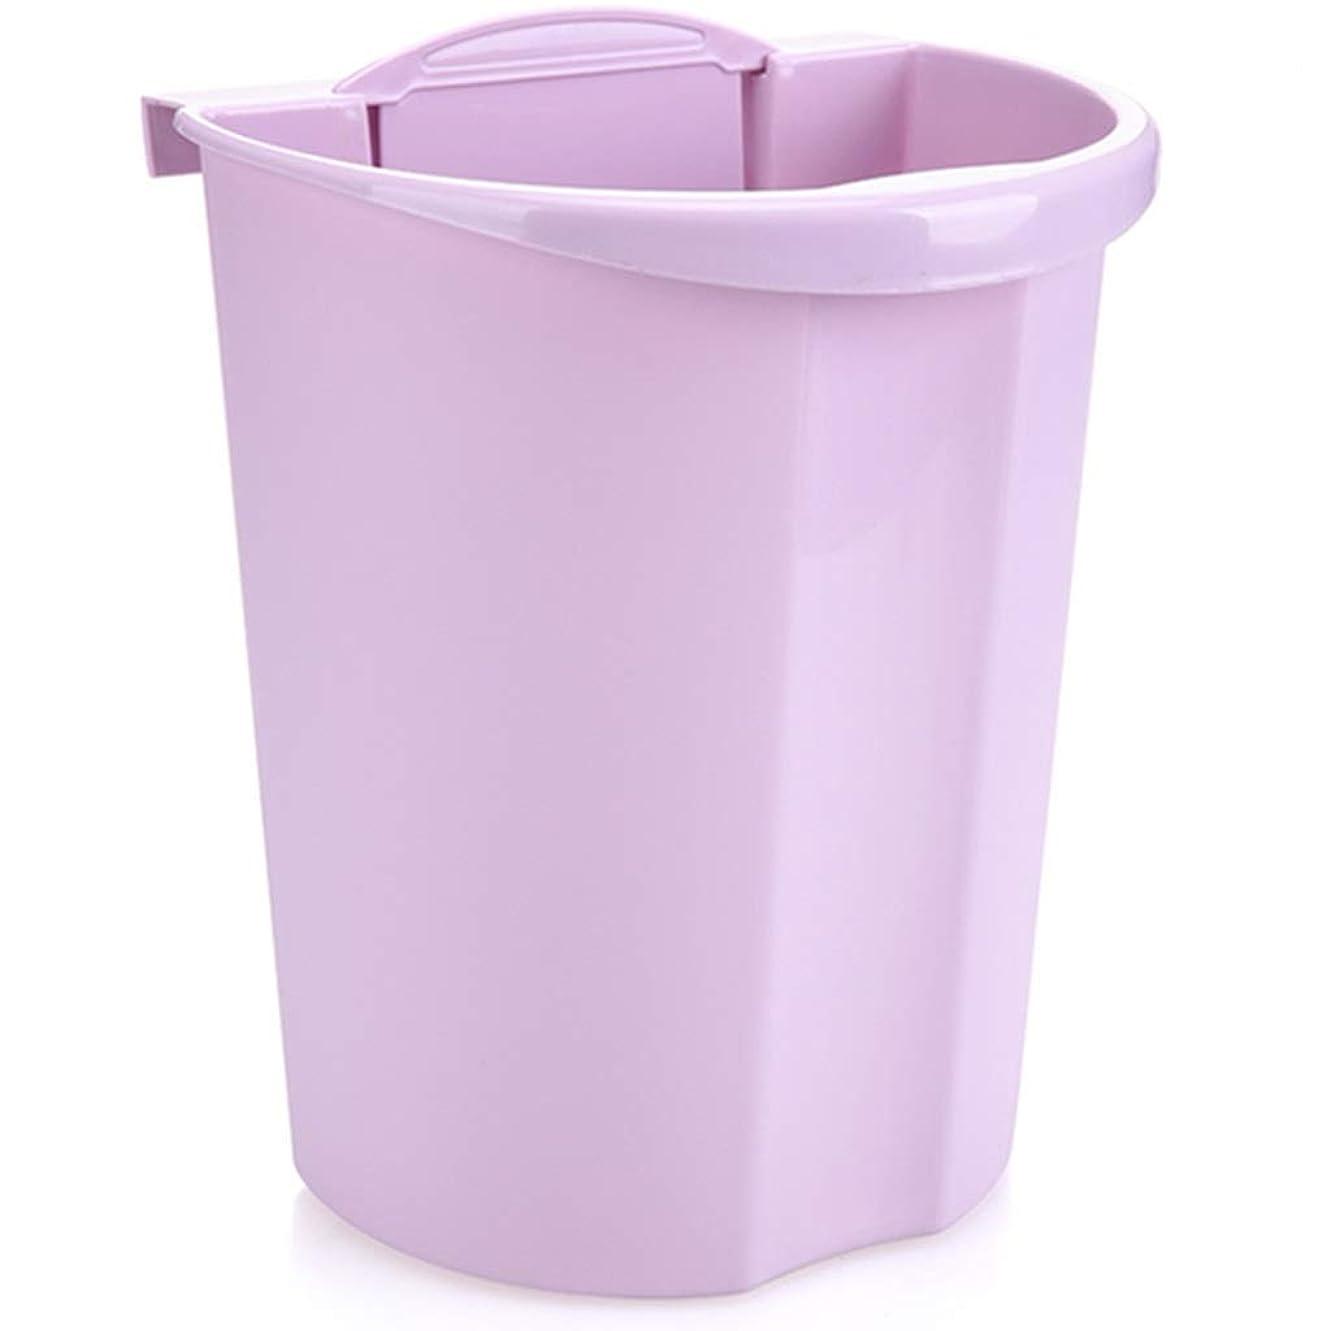 ゴミ箱プラスチックゴミ箱 PP素材と壁掛けデザイン、キッチンリビングルームのバスルーム Hyococ (Color : Purple)